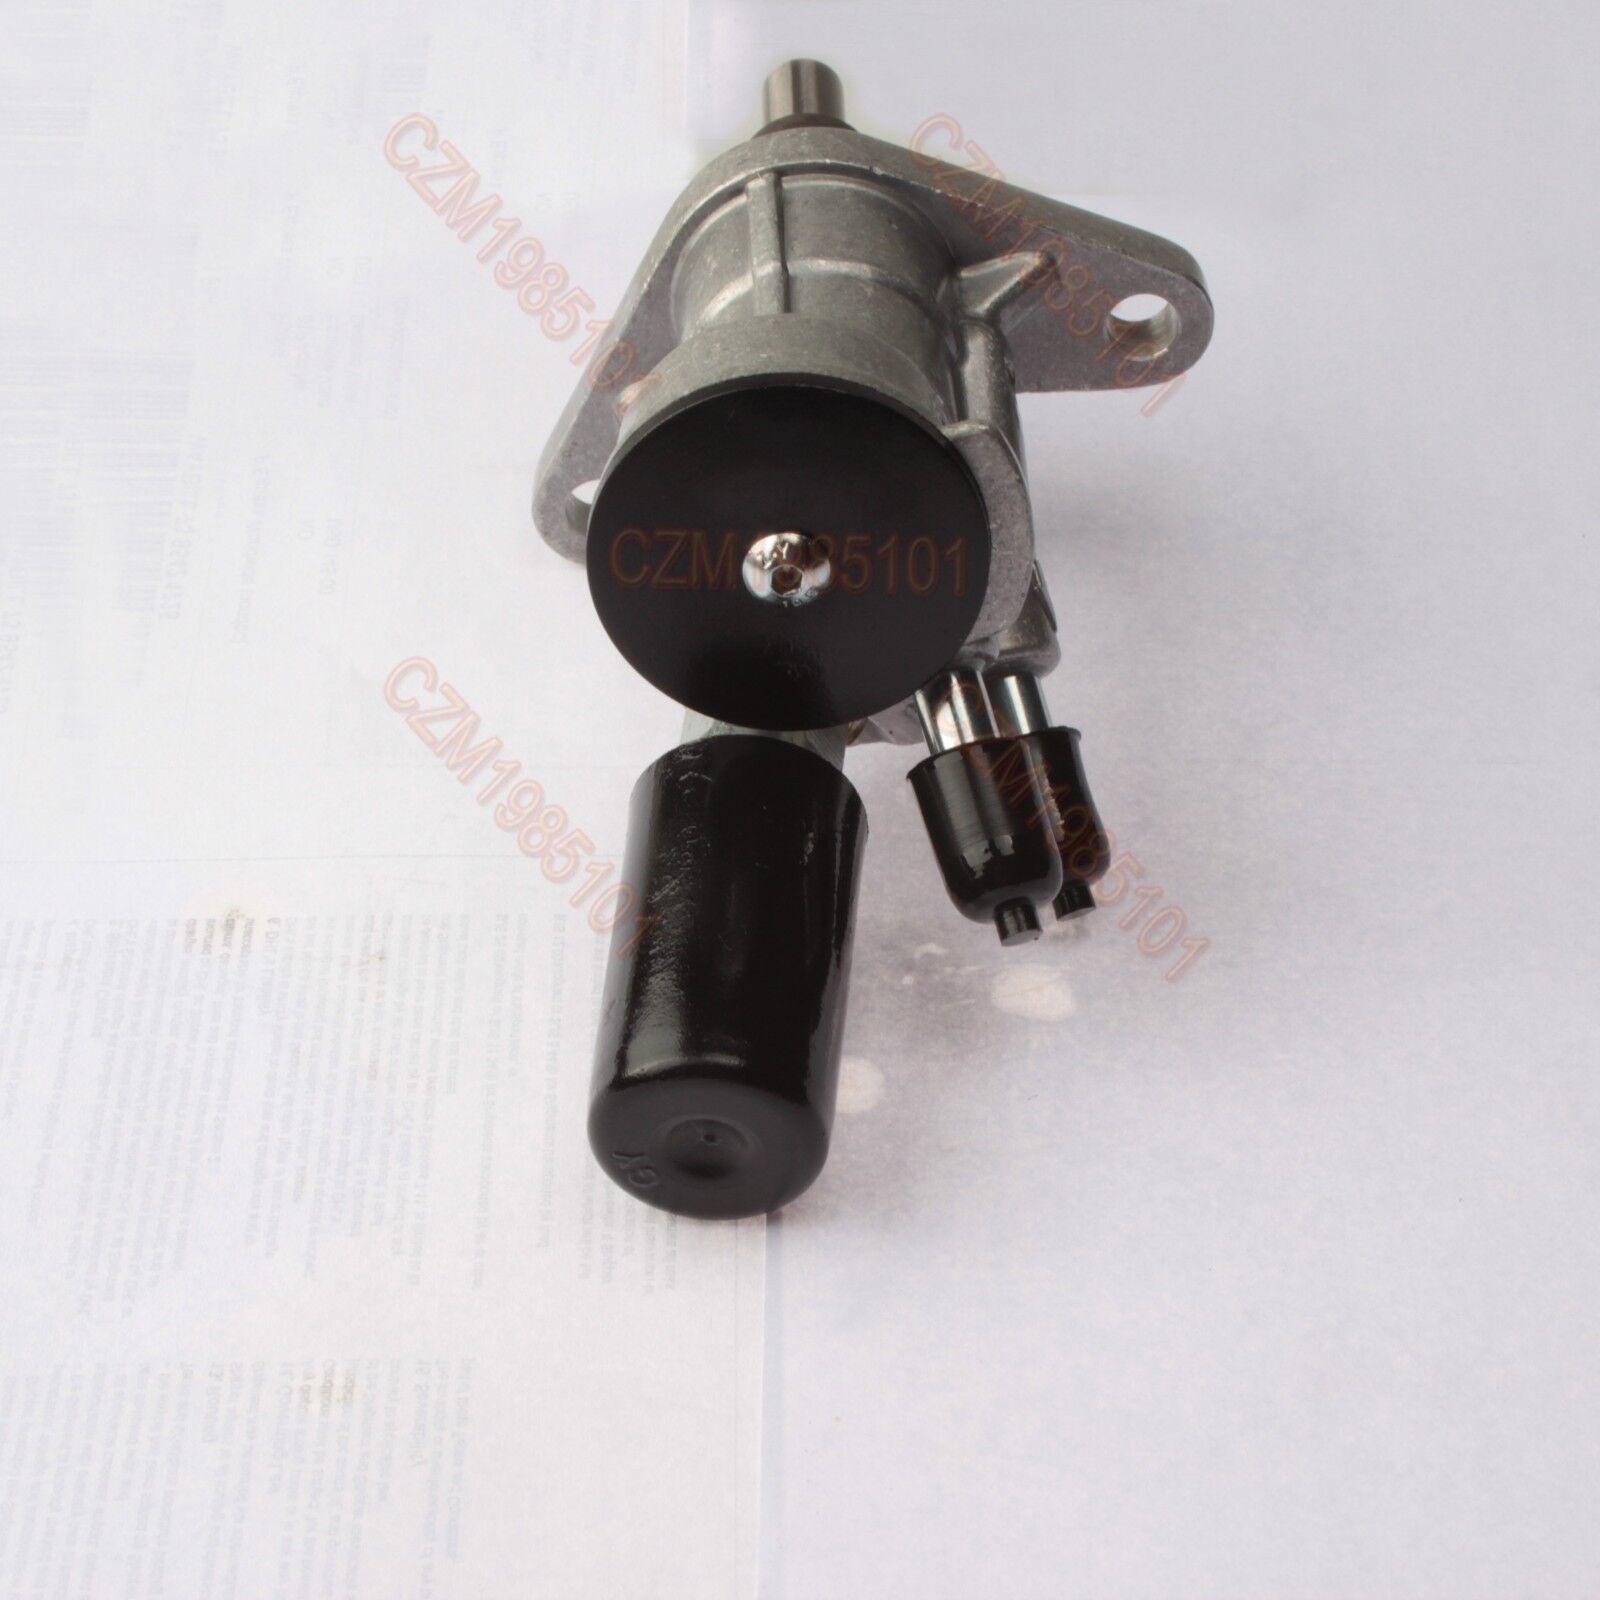 Fuel lift pump 17//930900 for JCB 409 TLT 35D 4WD 409 TLT 35D